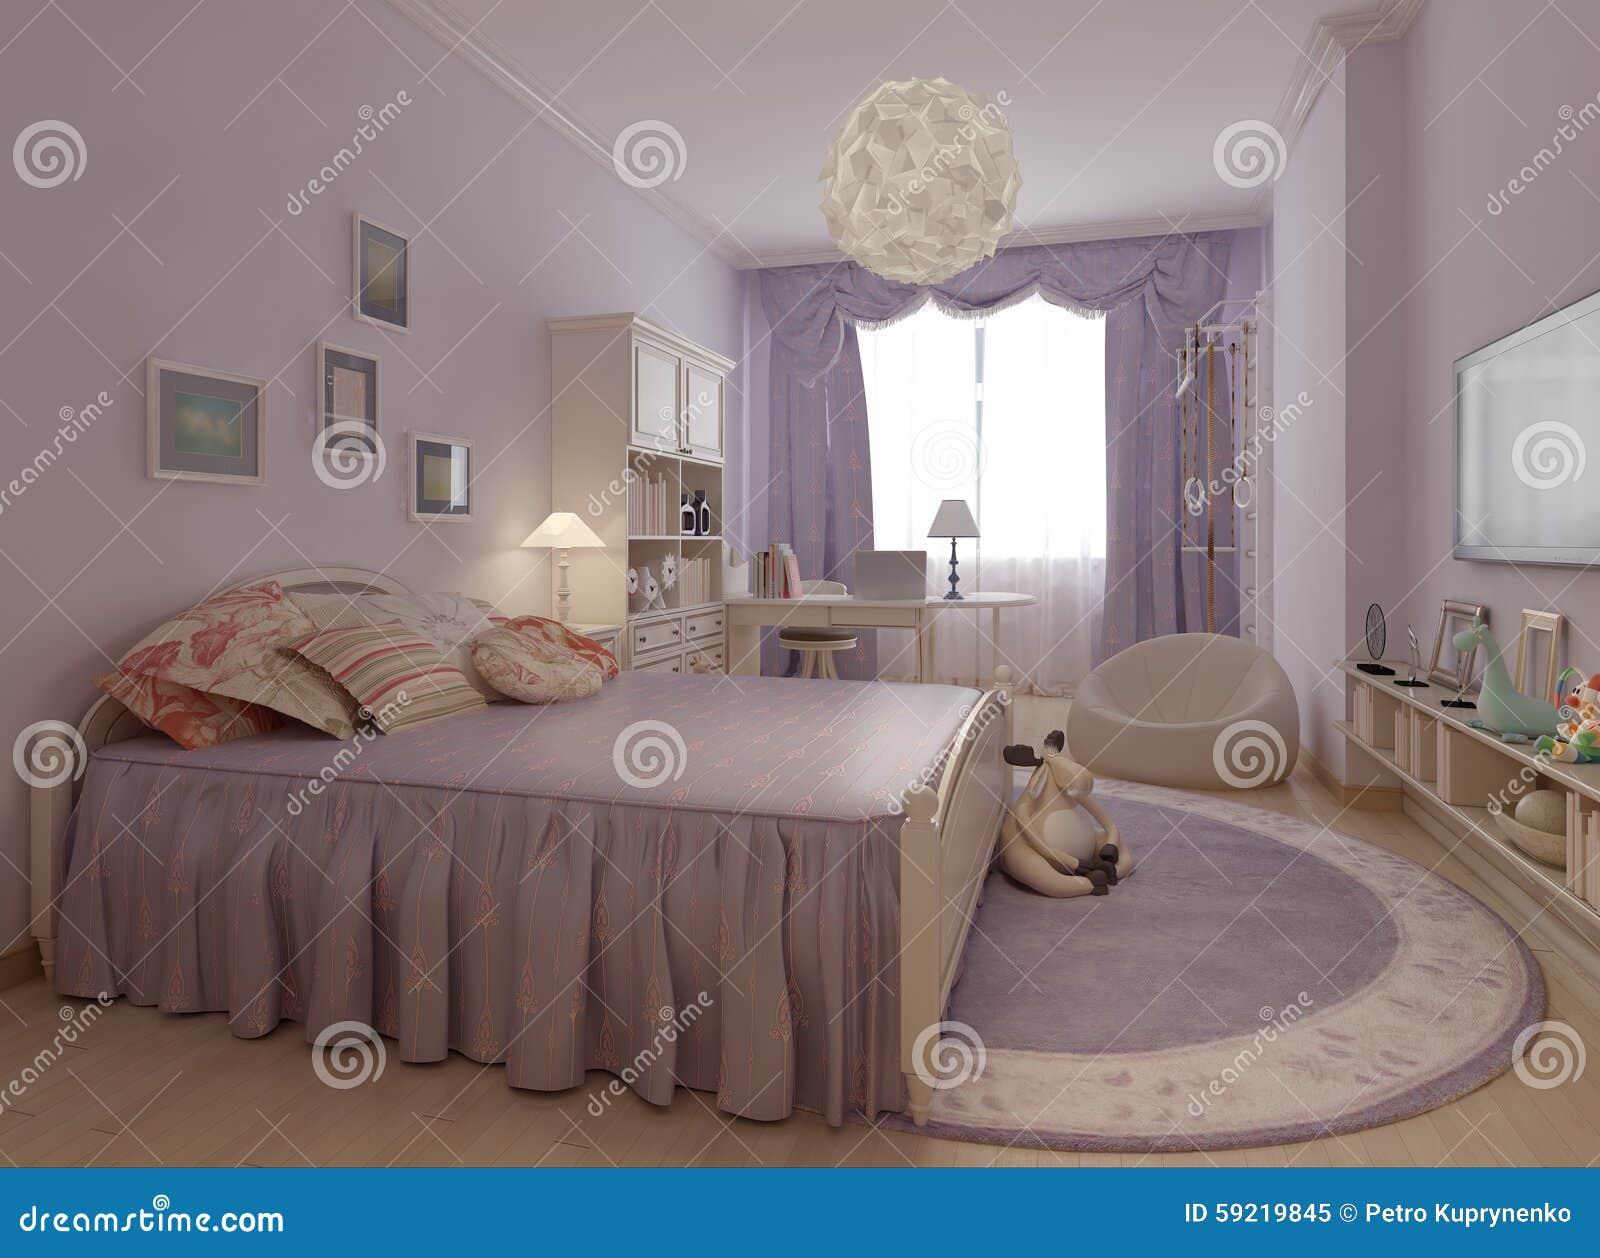 Sovrum i provence stil stock illustrationer   bild: 59219845